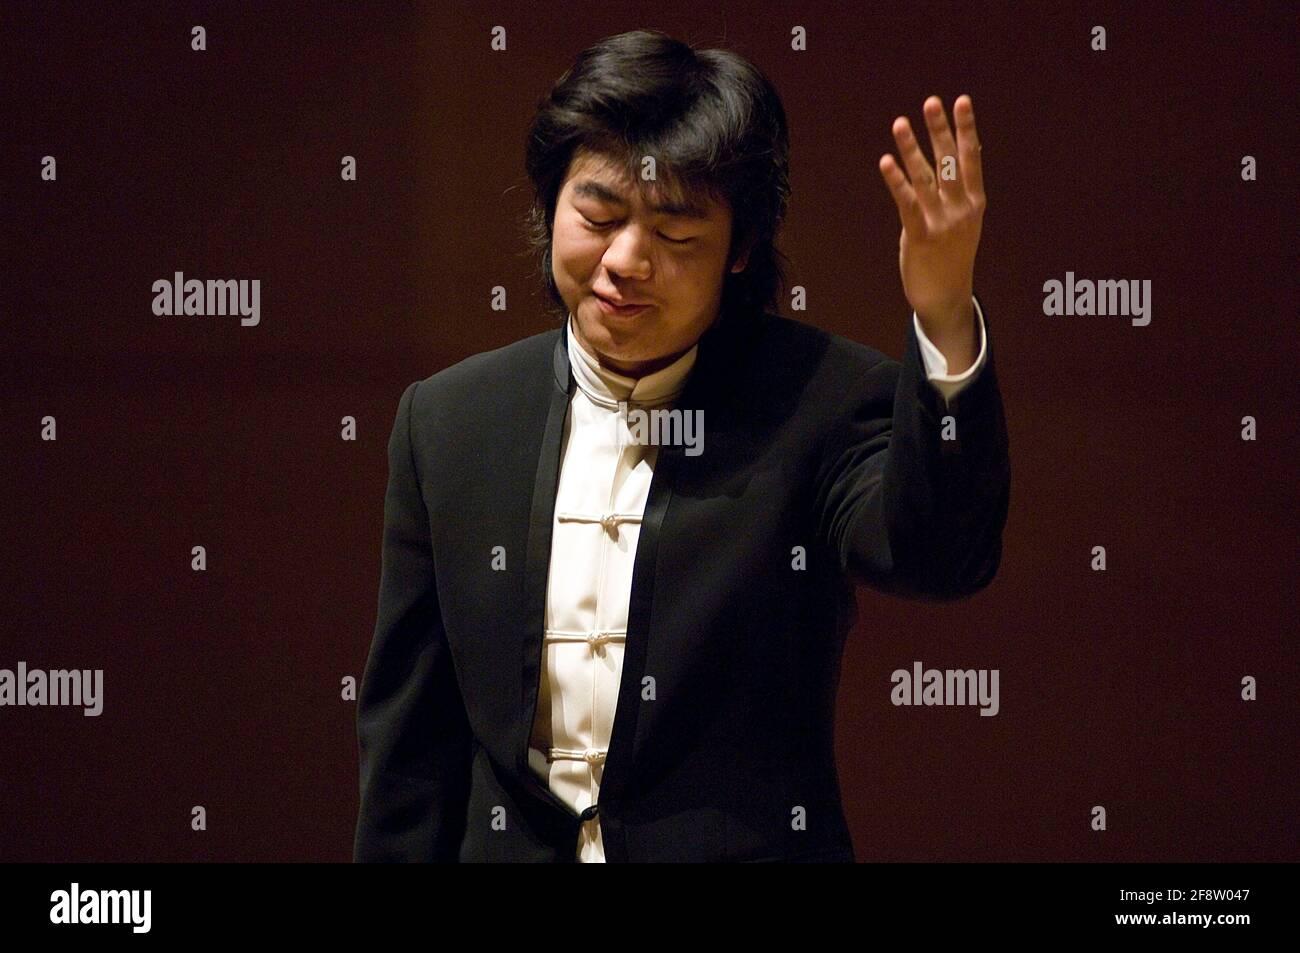 DEU, Deutschland, Ruhrgebiet, Essen, 10.02.2006: Der Pianist Lang Lang nimmt die Ovationen des Publikums entgegen bei seinem Konzert in der Philharmon Stock Photo